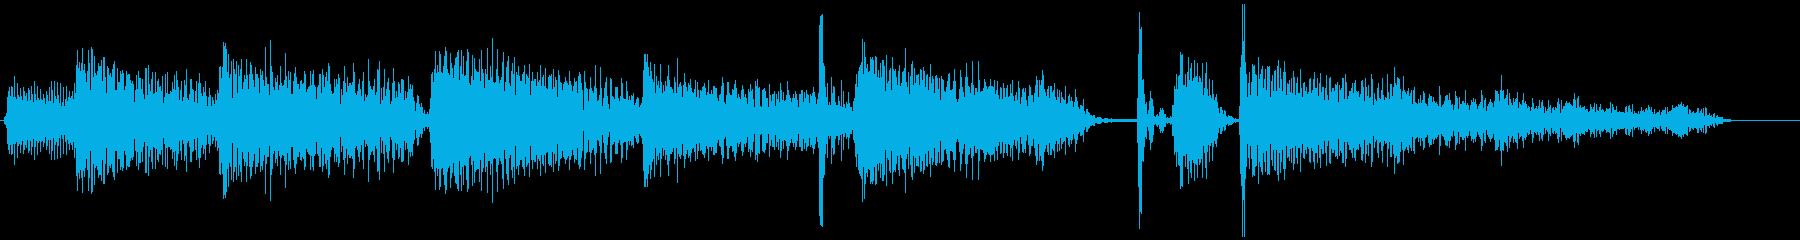 ピアノ・ジャズ・ドラム・ジングルの再生済みの波形